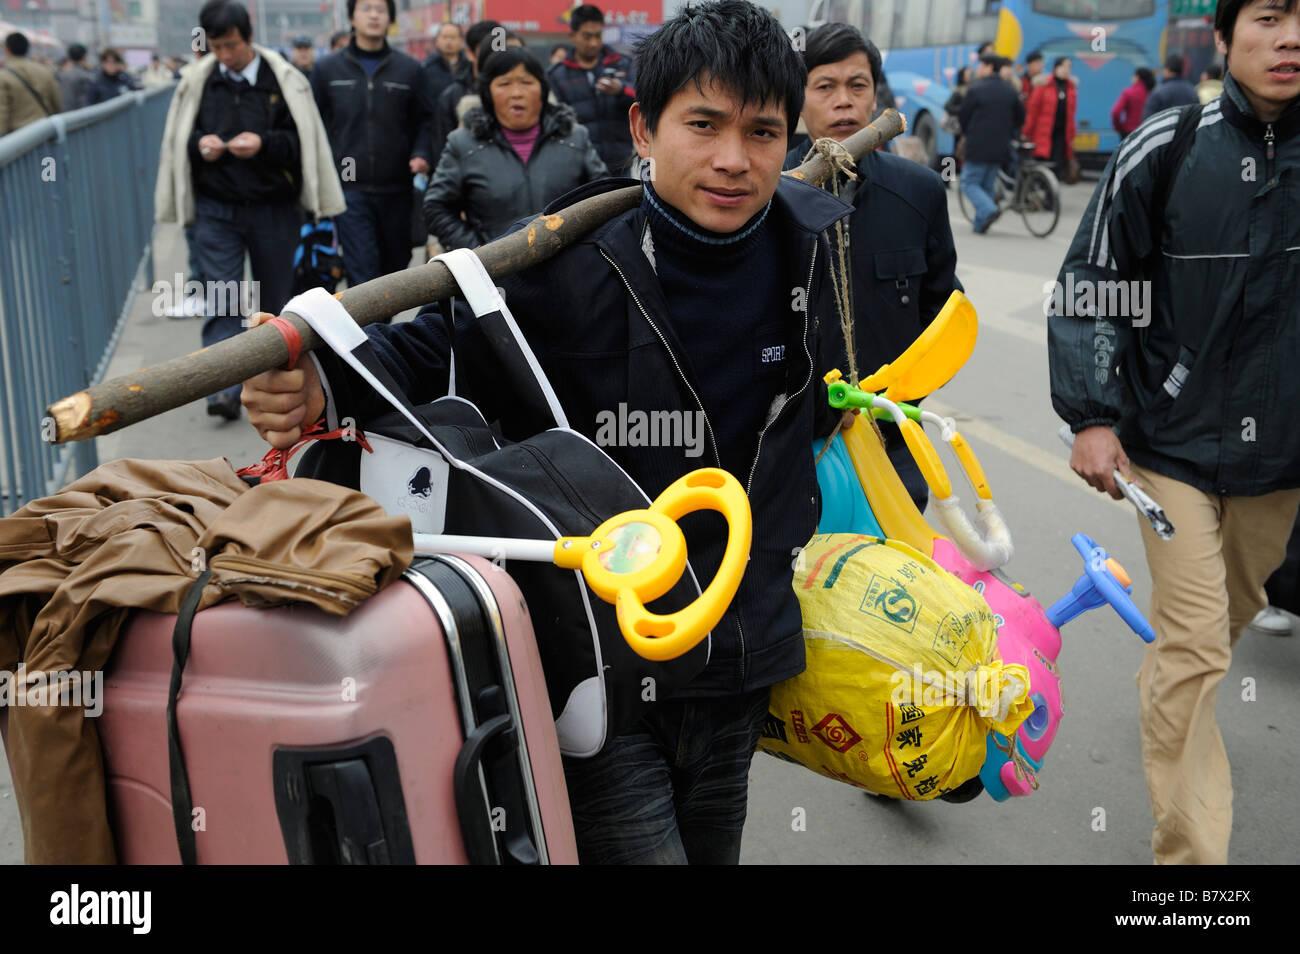 Los trabajadores migrantes transportar su equipaje al salir de la estación de trenes de Nanchang, Jiangxi, Imagen De Stock